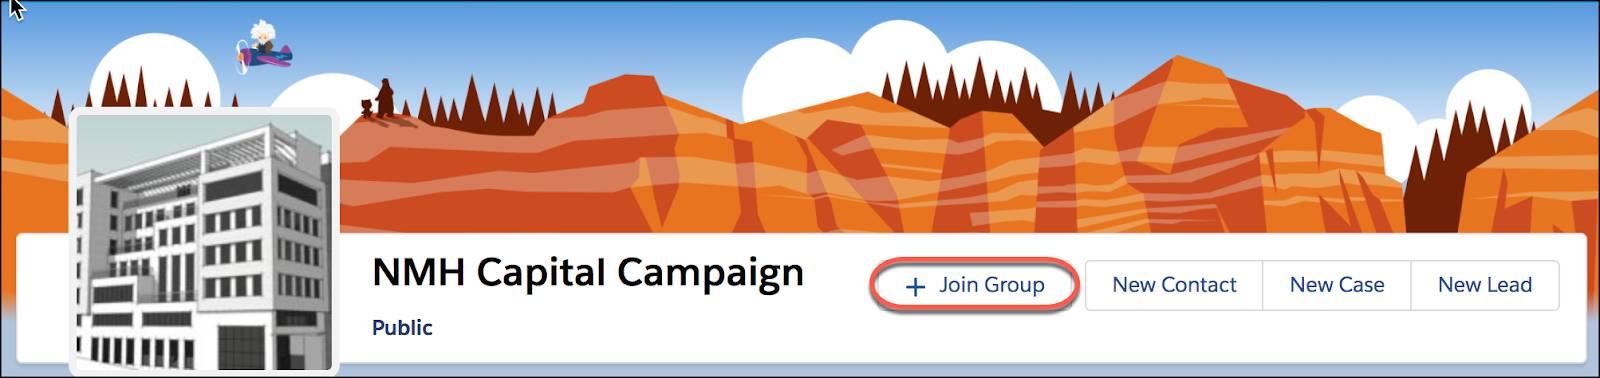 [グループに参加] ボタンが強調表示されたグループの詳細ページ